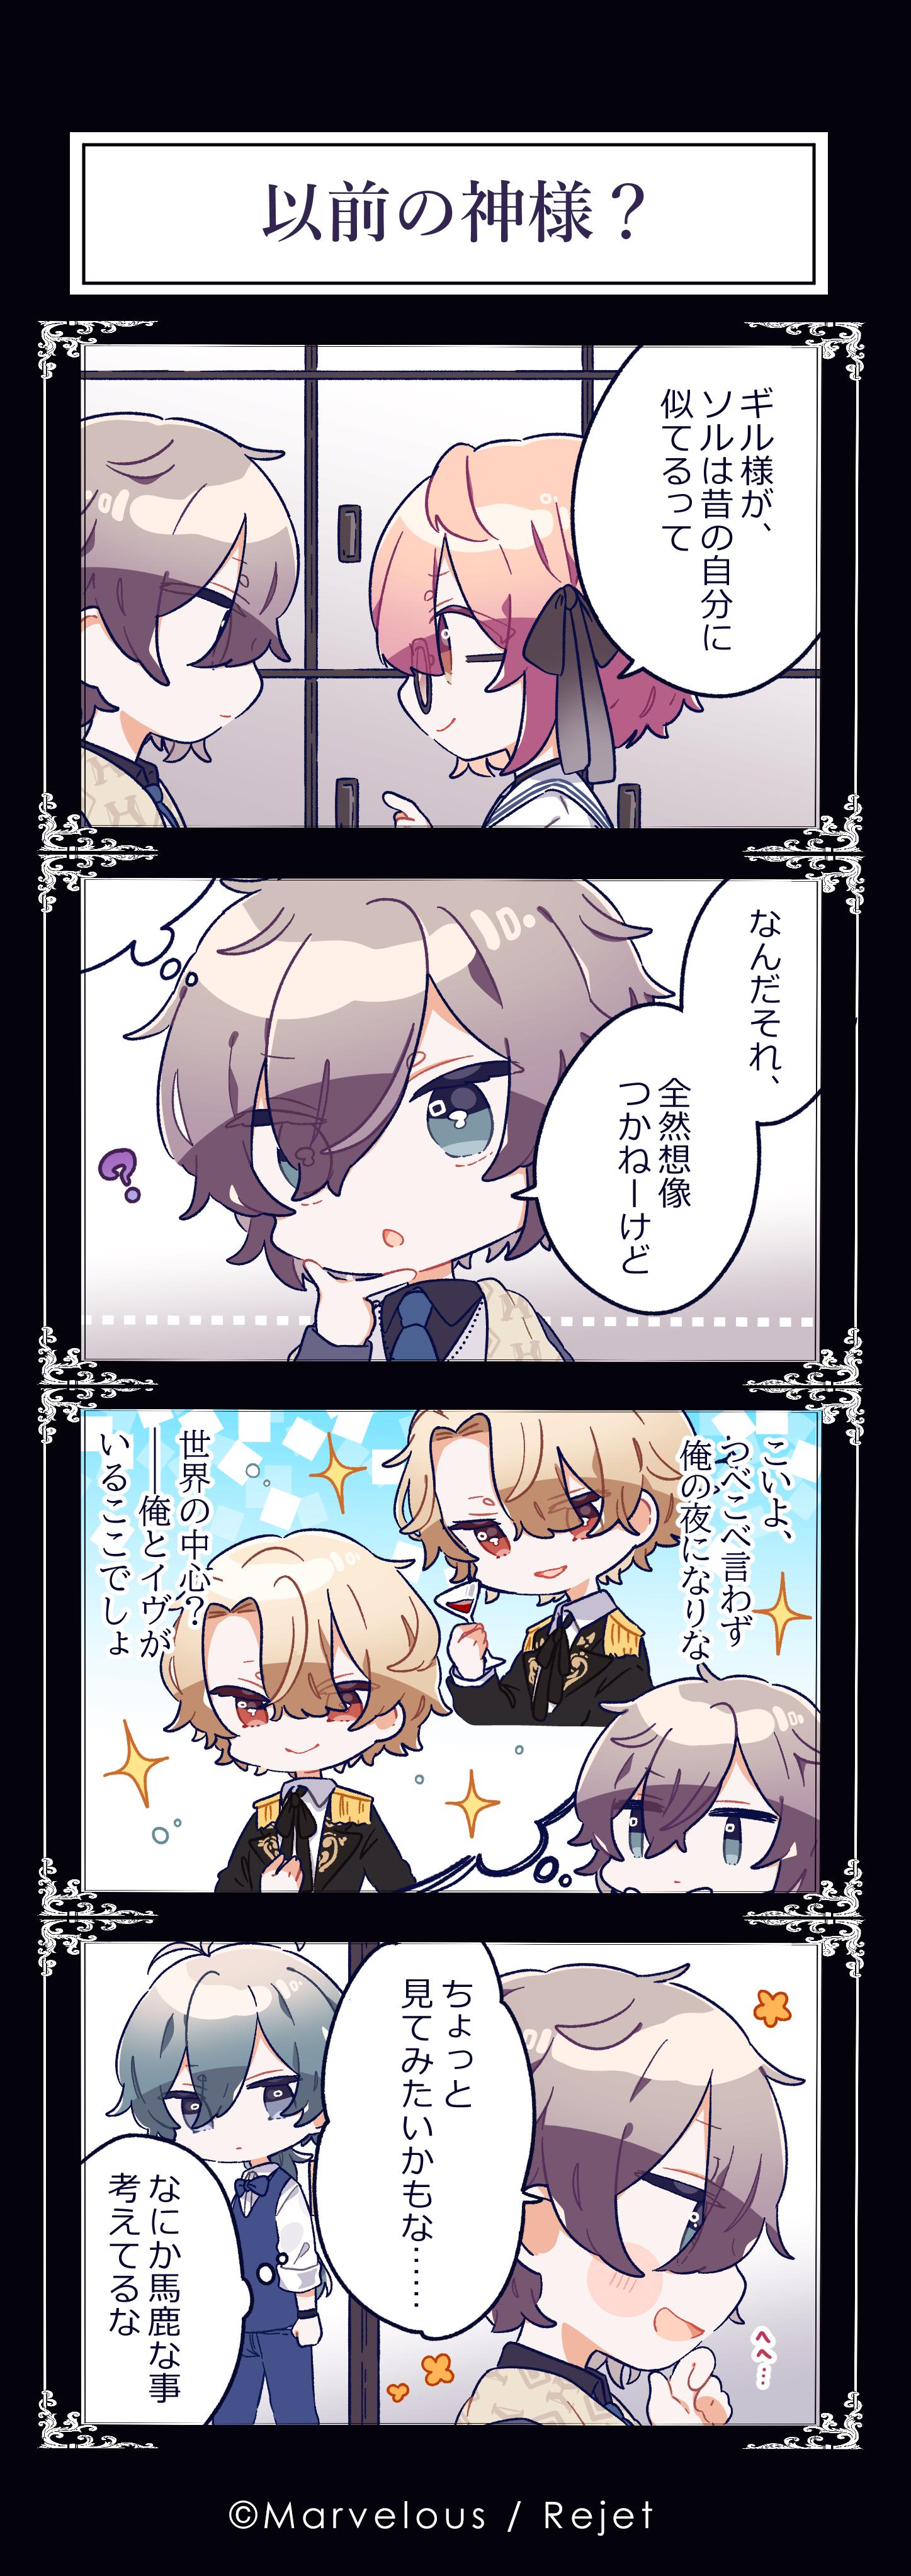 【7月投稿分】mawoko_FN4コマ1 (1).png